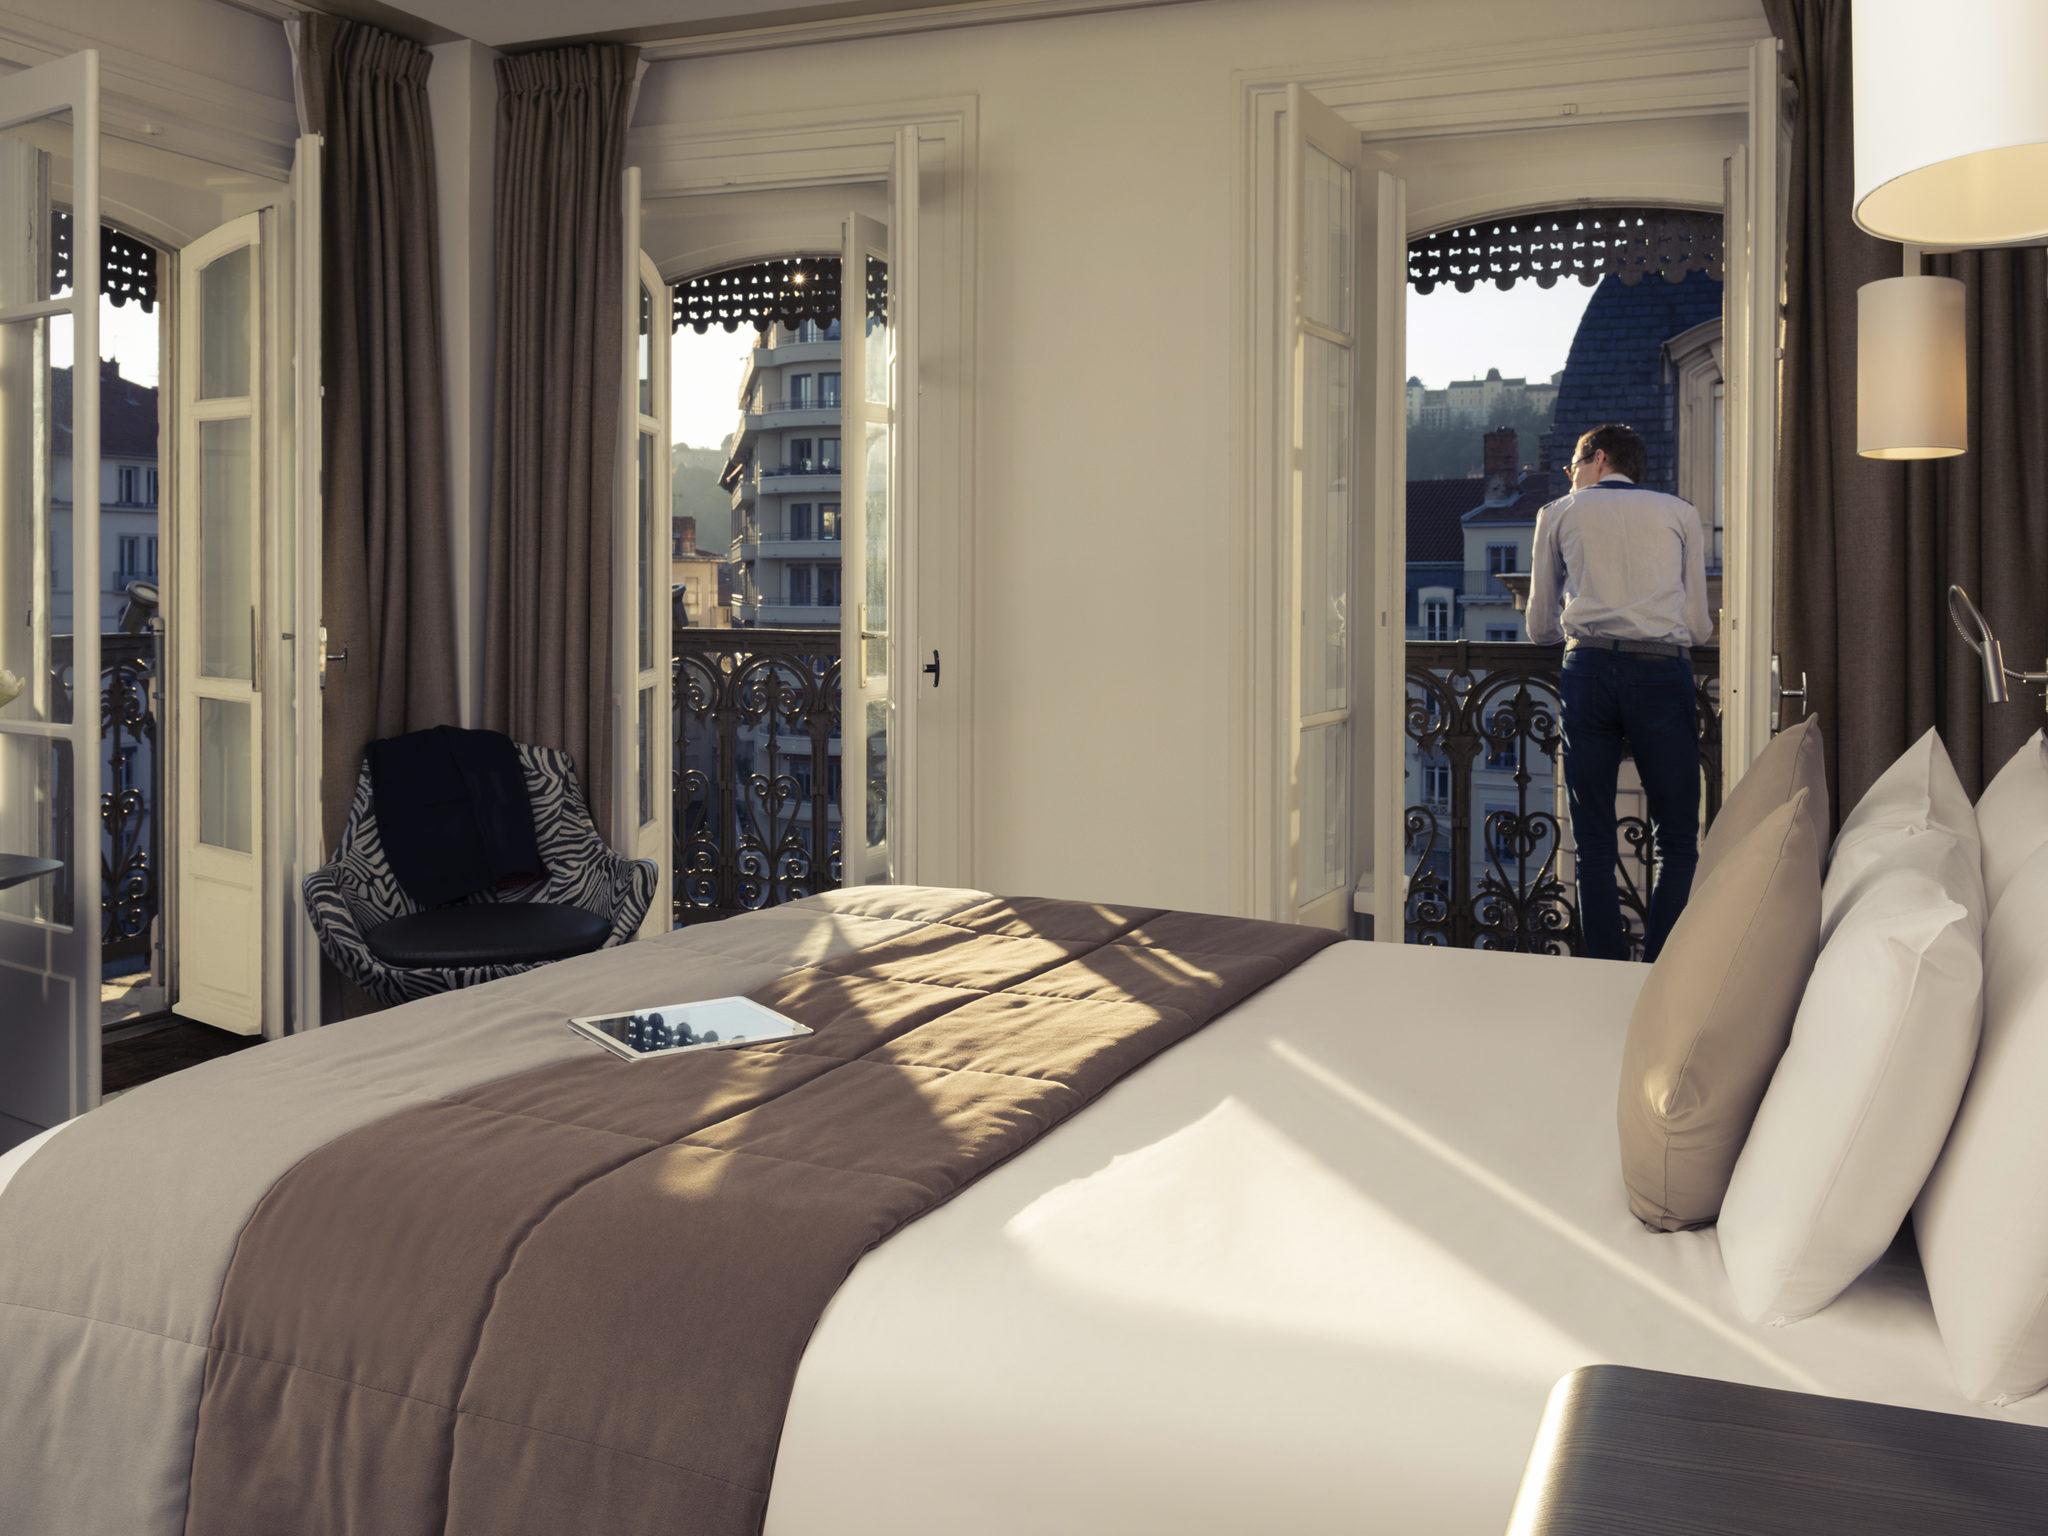 Hôtel - Hôtel Mercure Lyon Centre Beaux-Arts